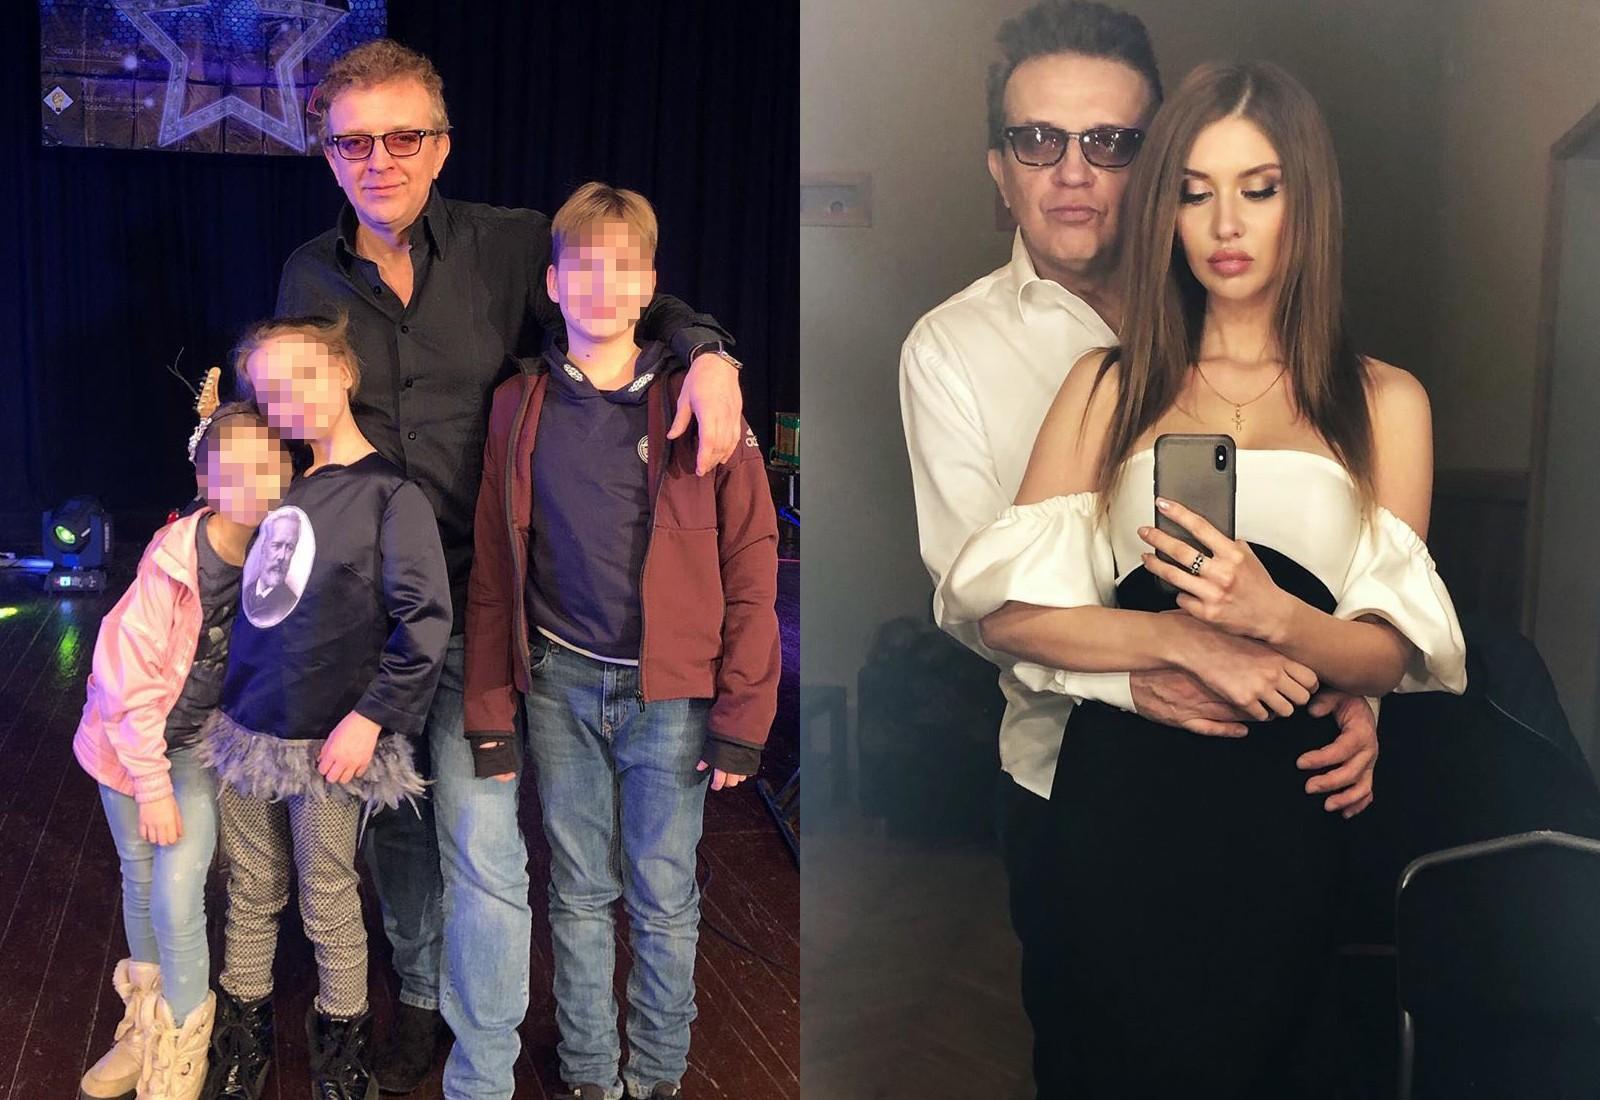 Справа — Роман Жуков и Ольга Илларионова. Фото © Instagram / zhukovroma_official